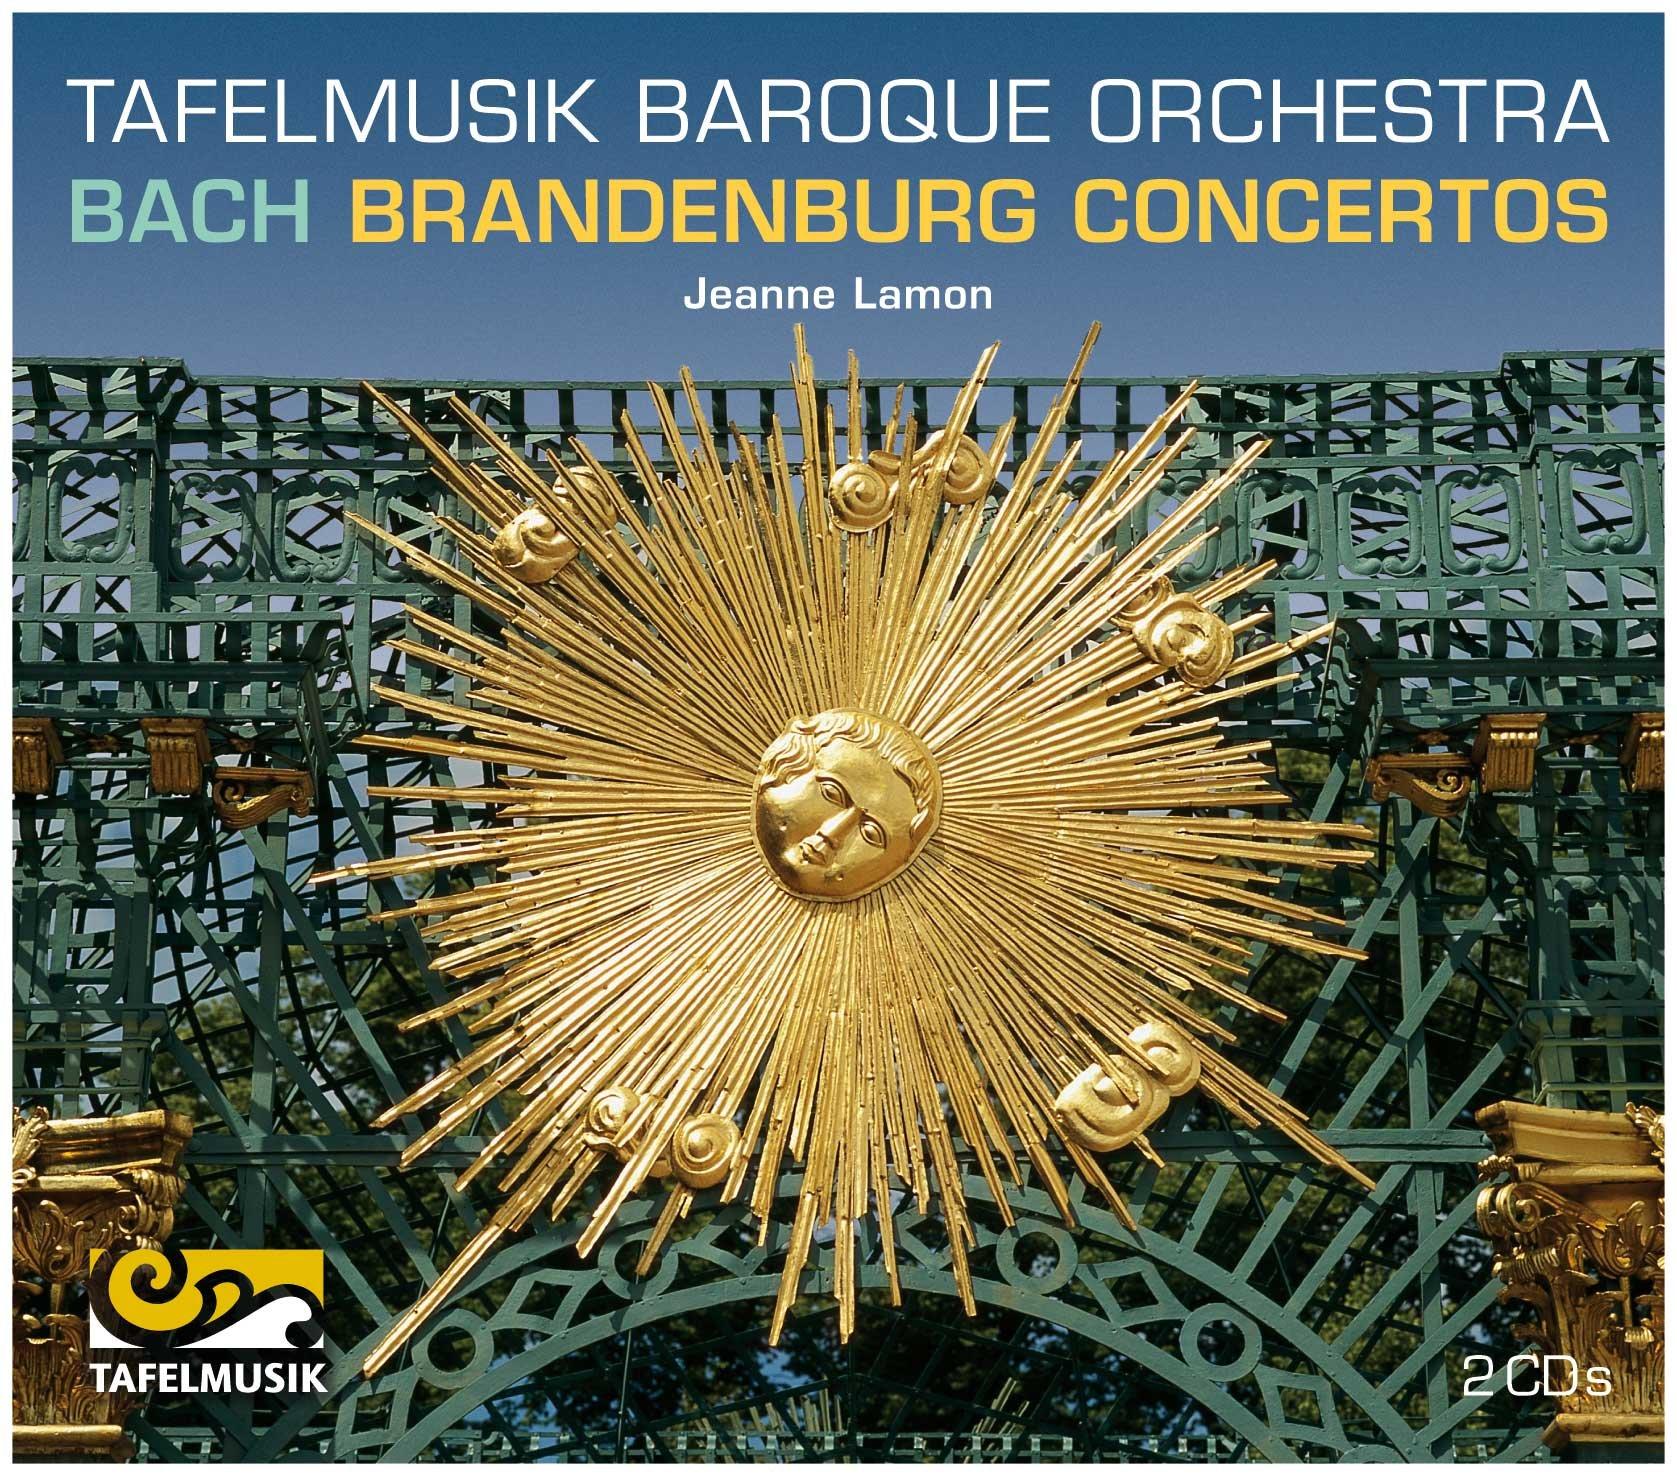 Brandenburg Concertos by CD